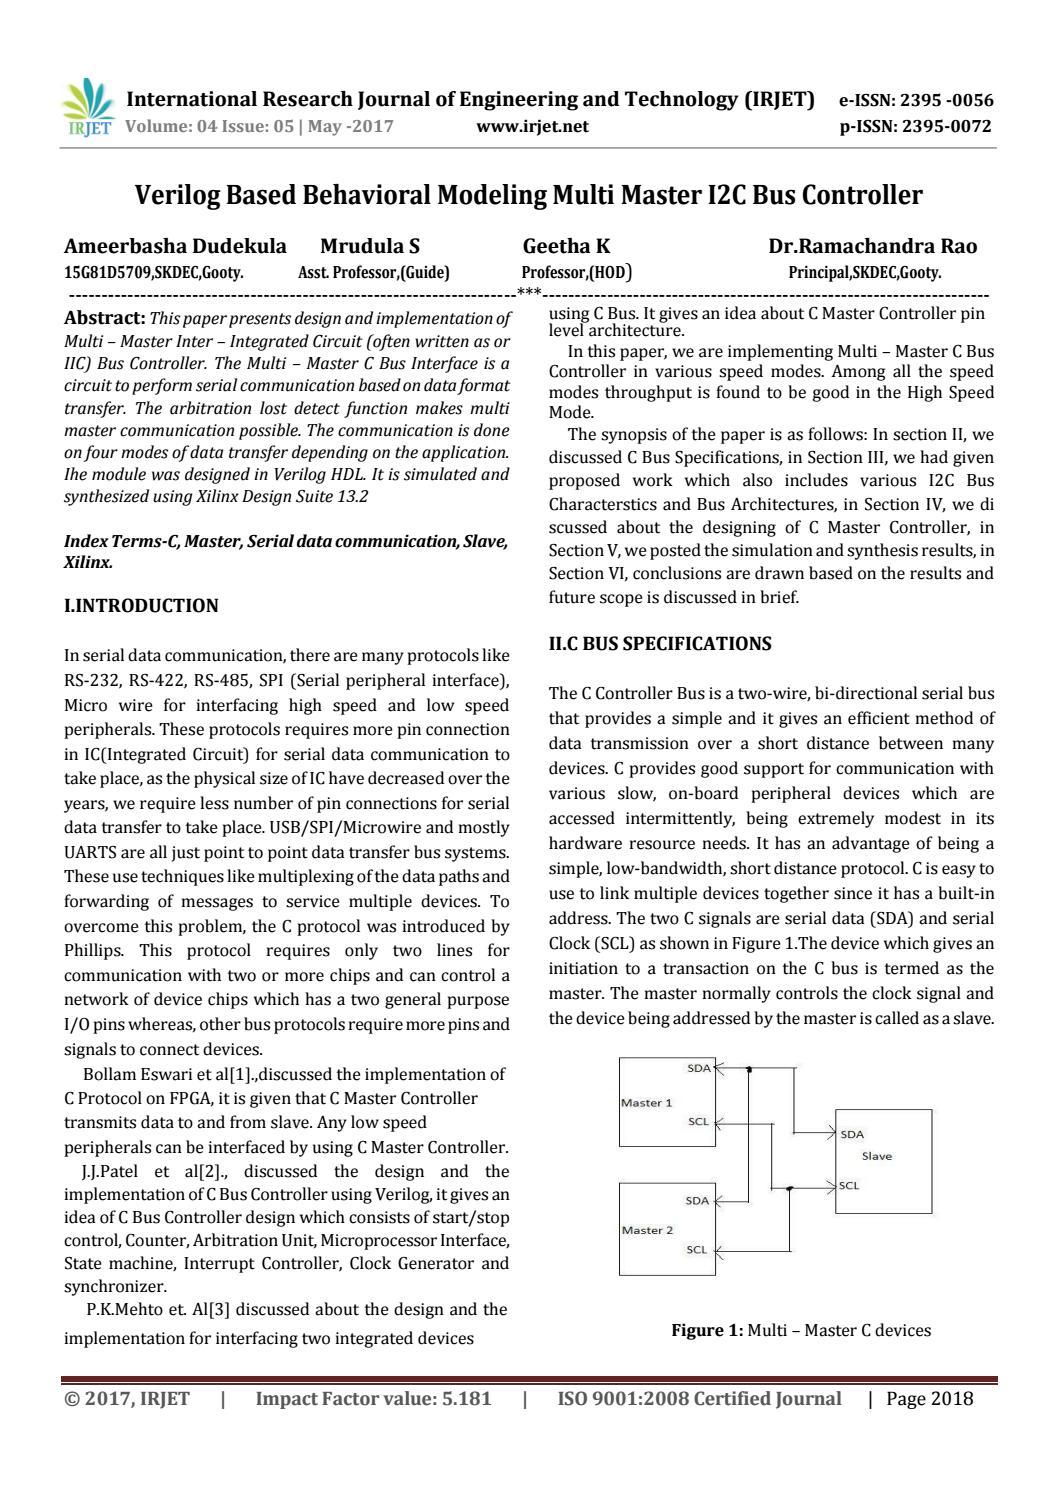 Verilog Based Behavioral Modeling Multi Master I2C Bus Controller by